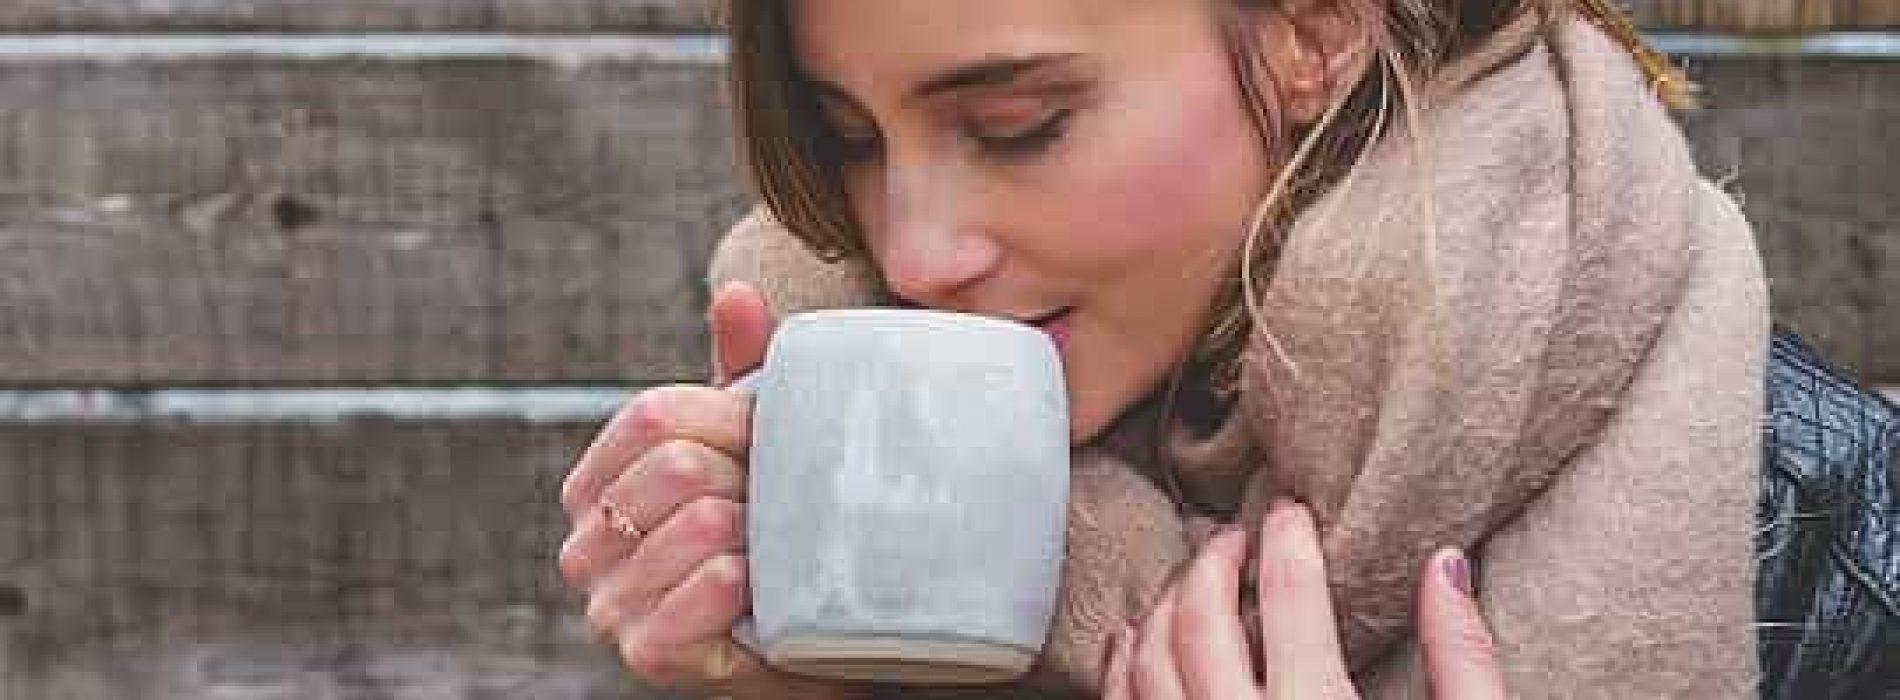 Hvordan rense en kaffetrakter?